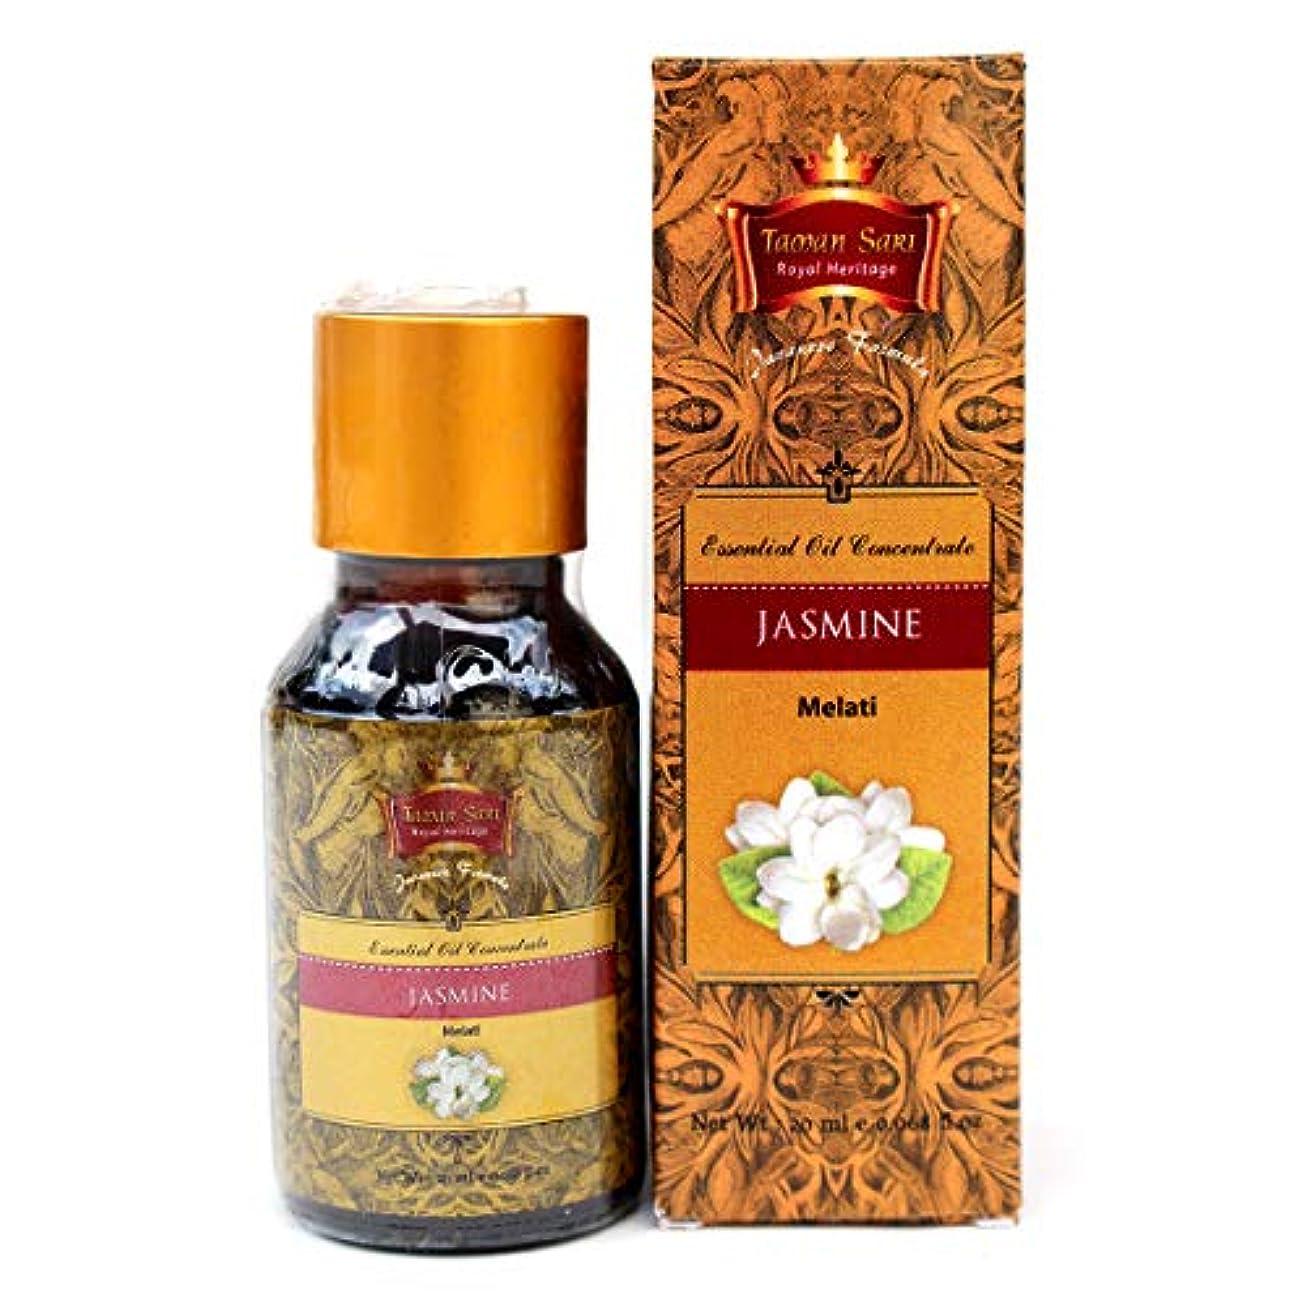 守銭奴アナログ挽くTaman Sari タマンサリ エッセンシャルオイル ムスティカラトゥ高級スパブランド Jasmine ジャスミン 20ml